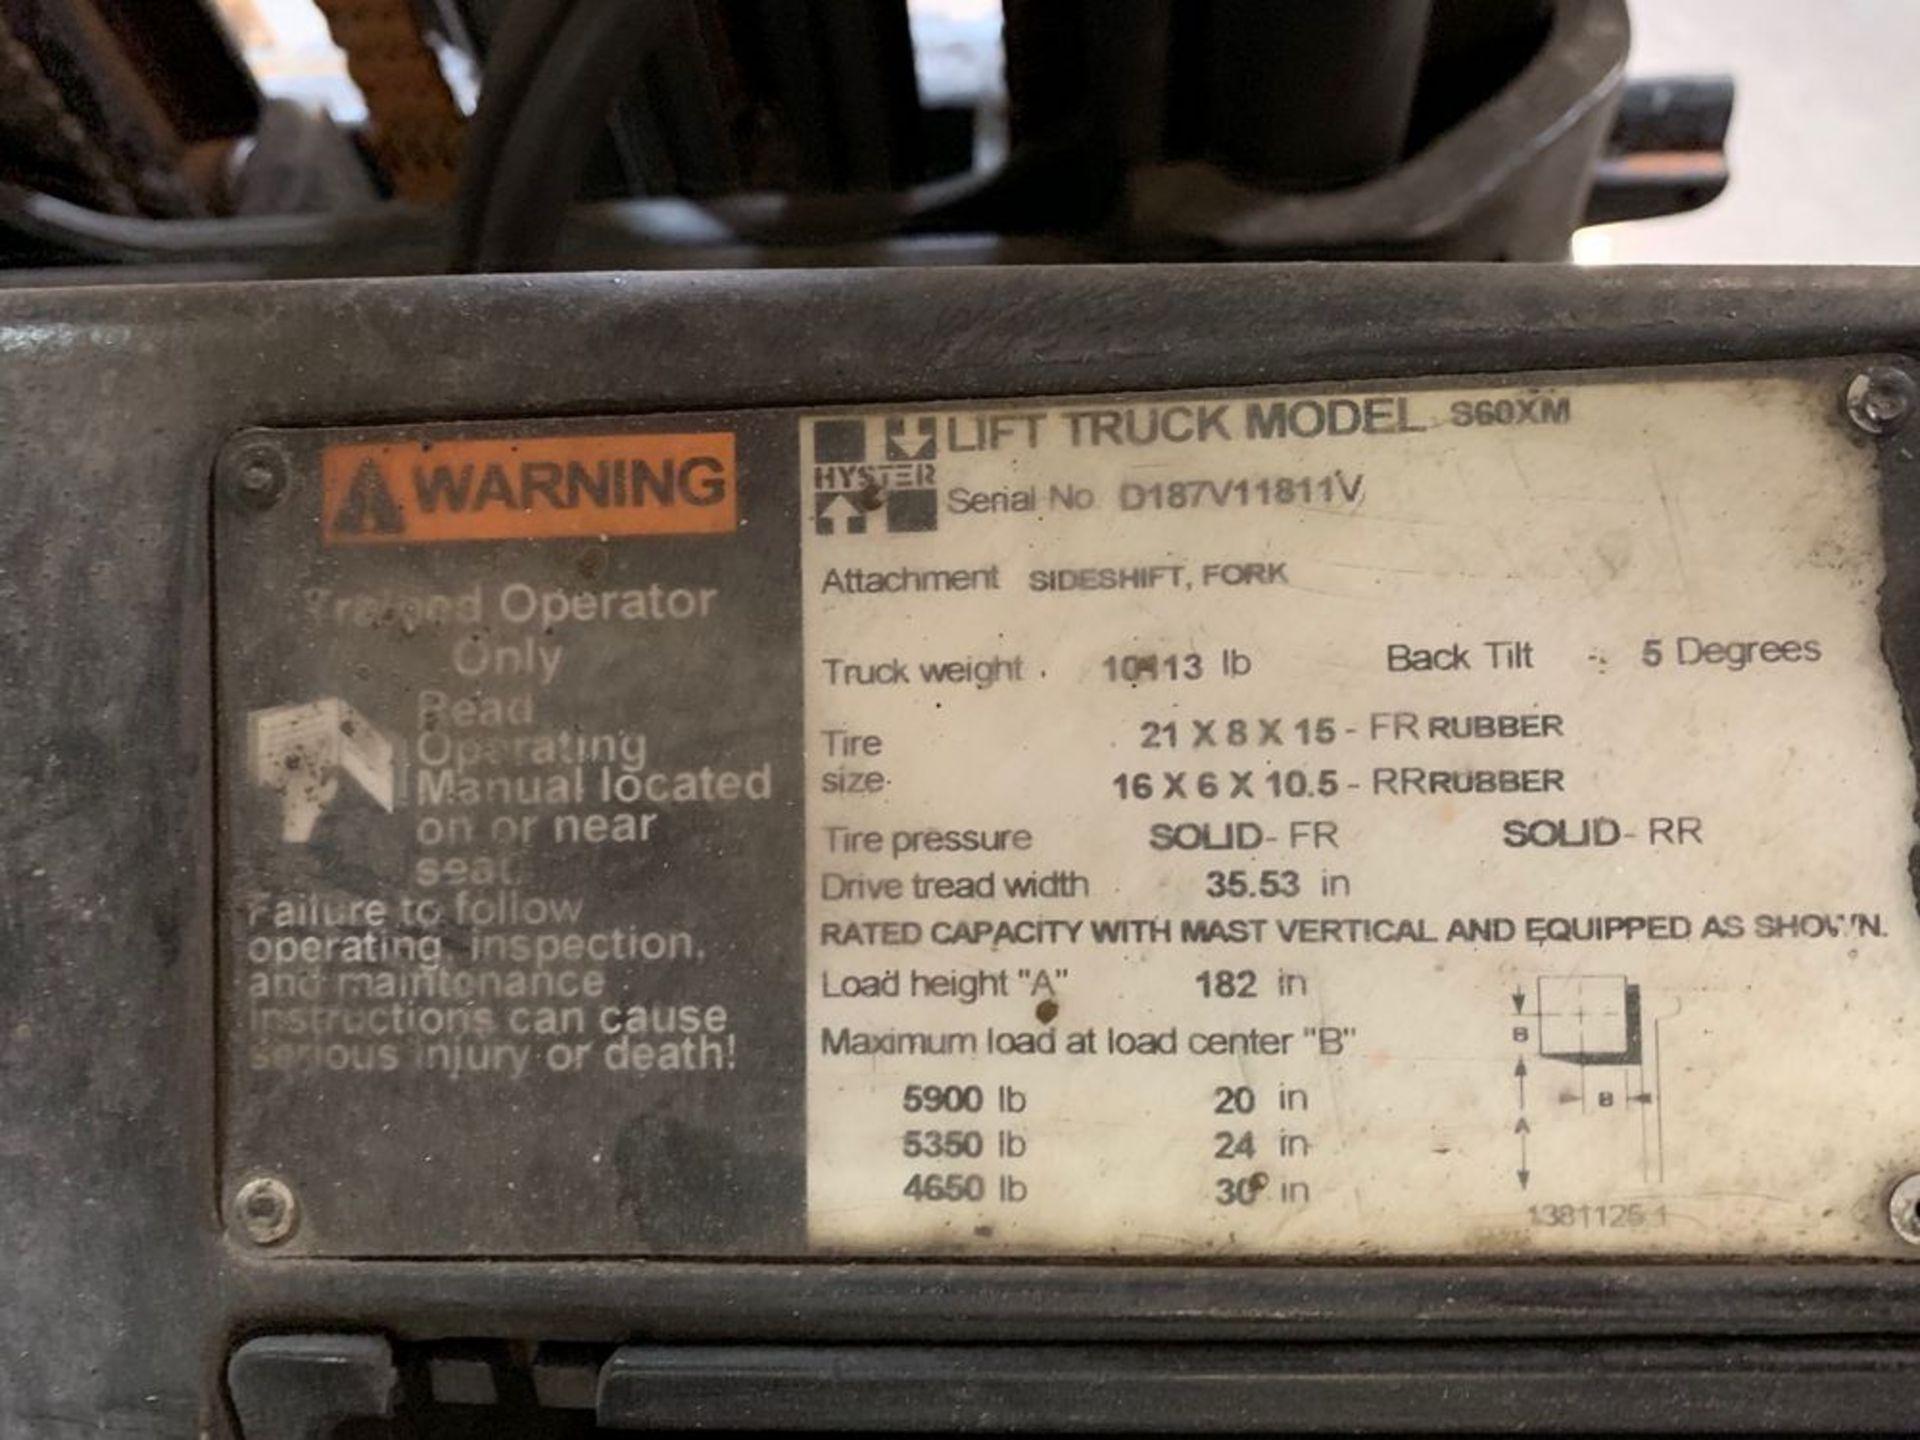 Lot 37 - 6,000 lb. Hyster Forklift Model S60XMn, Propane Tank NOT Included, s/n: D187V11811V